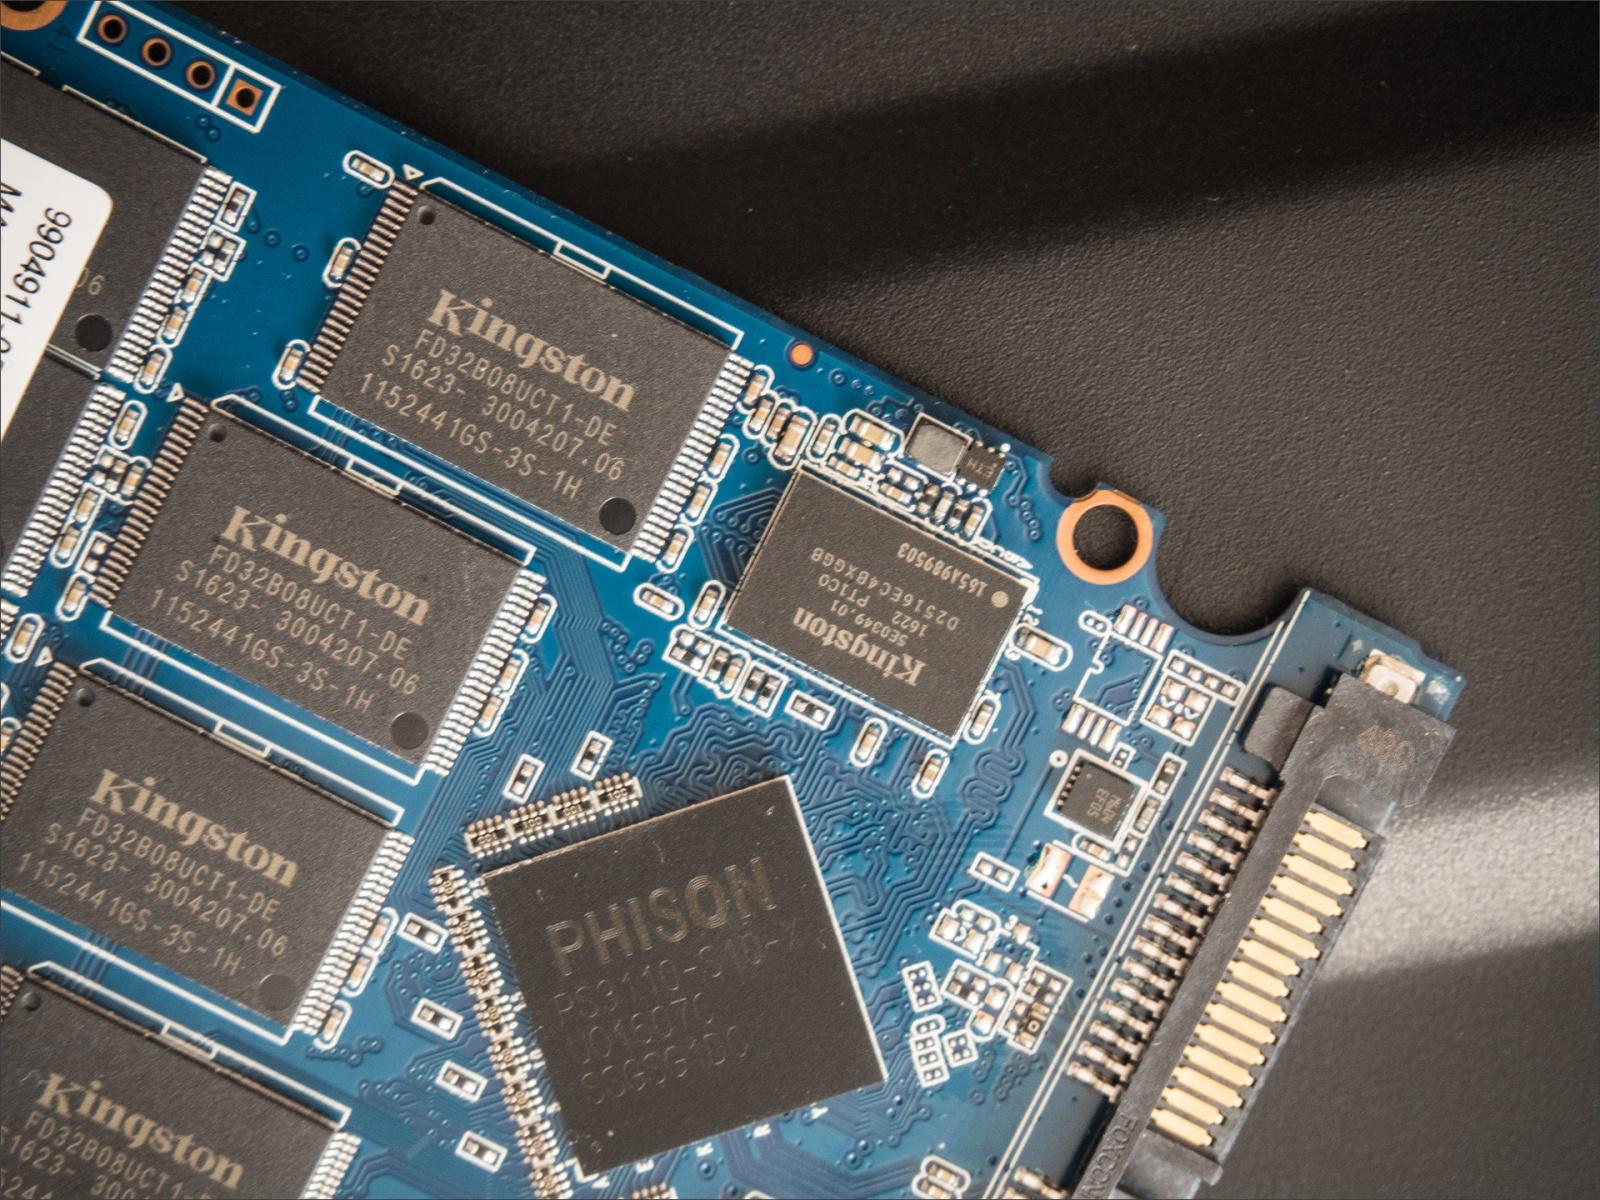 Kingston DC400: вместительные SSD за разумные деньги - 3